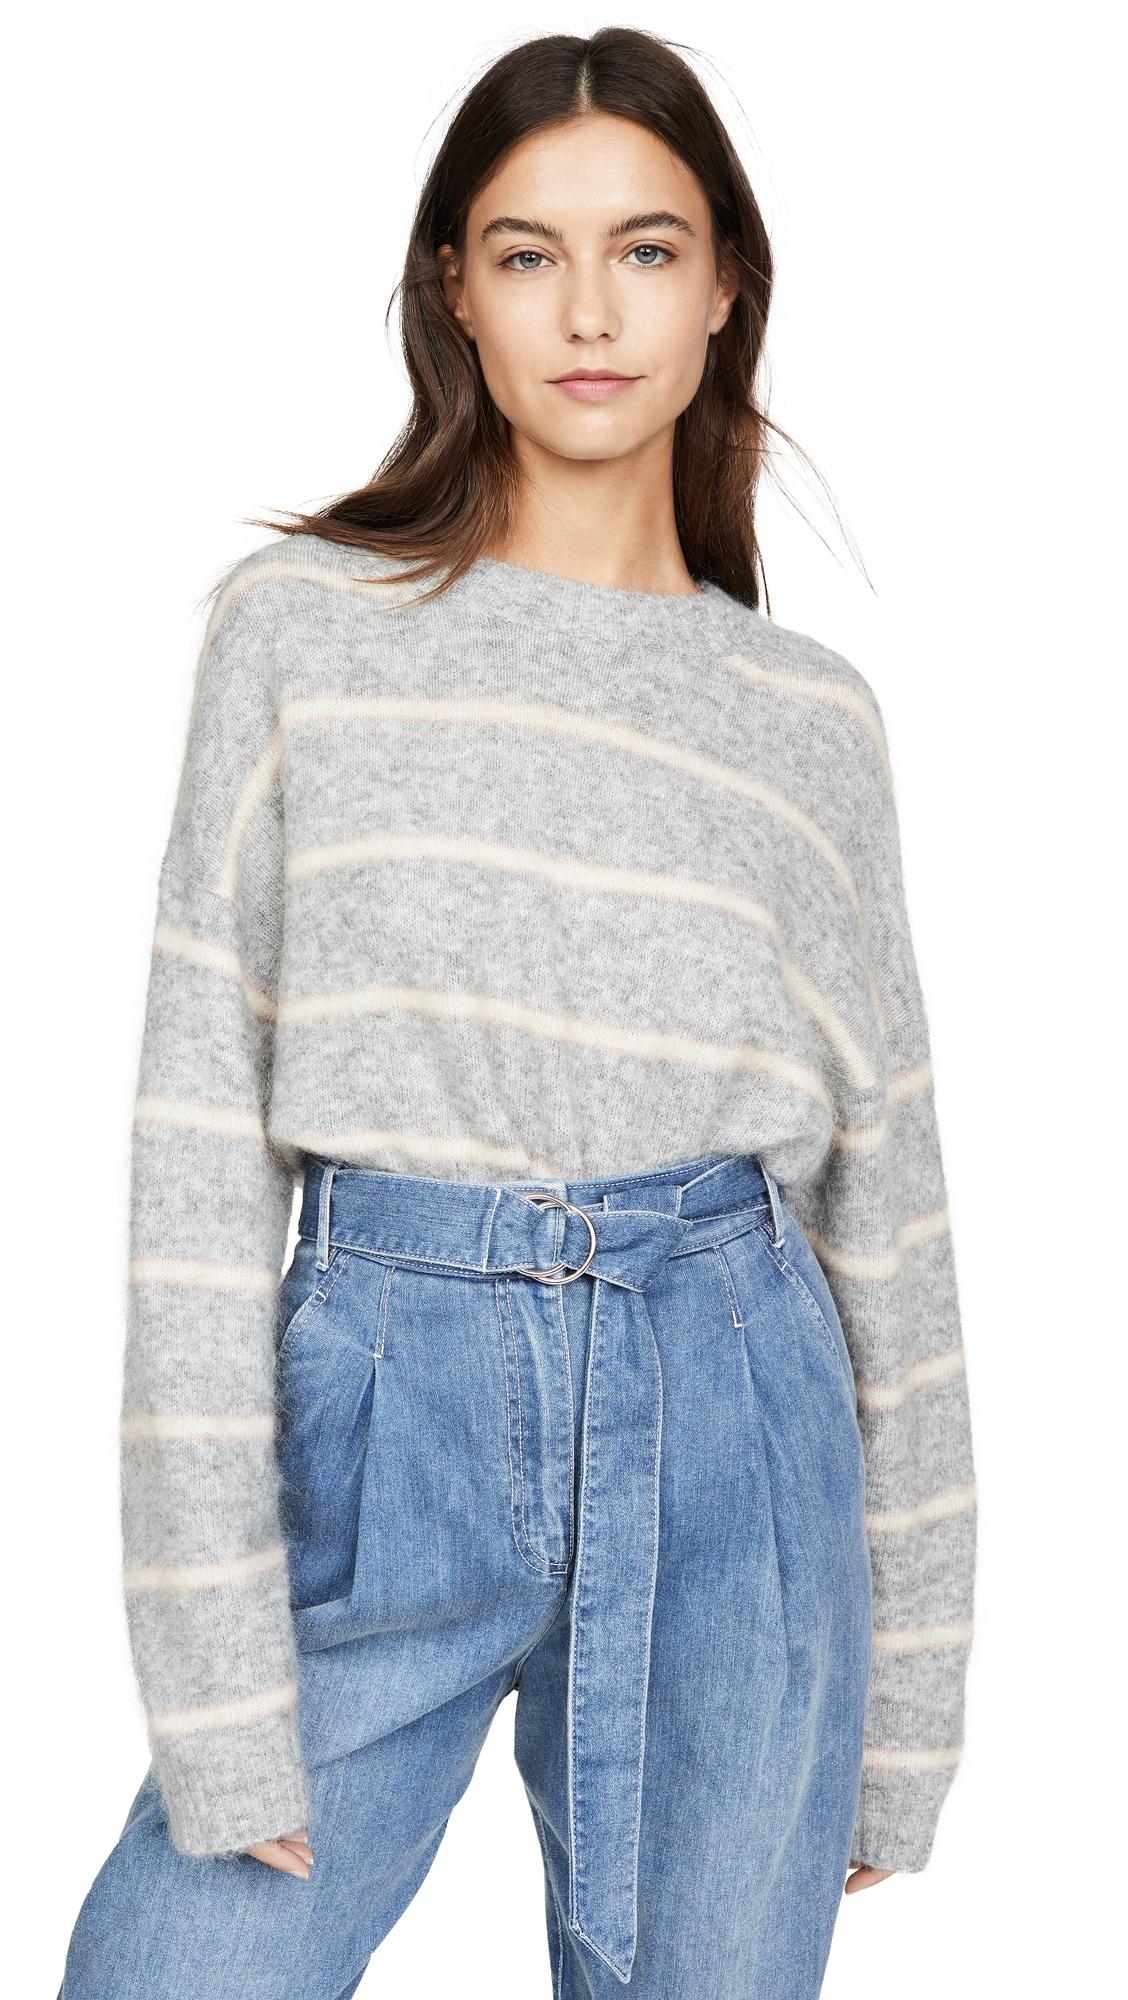 Acne Studios Khira Moh Knitwear Sweater - Grey/Beige